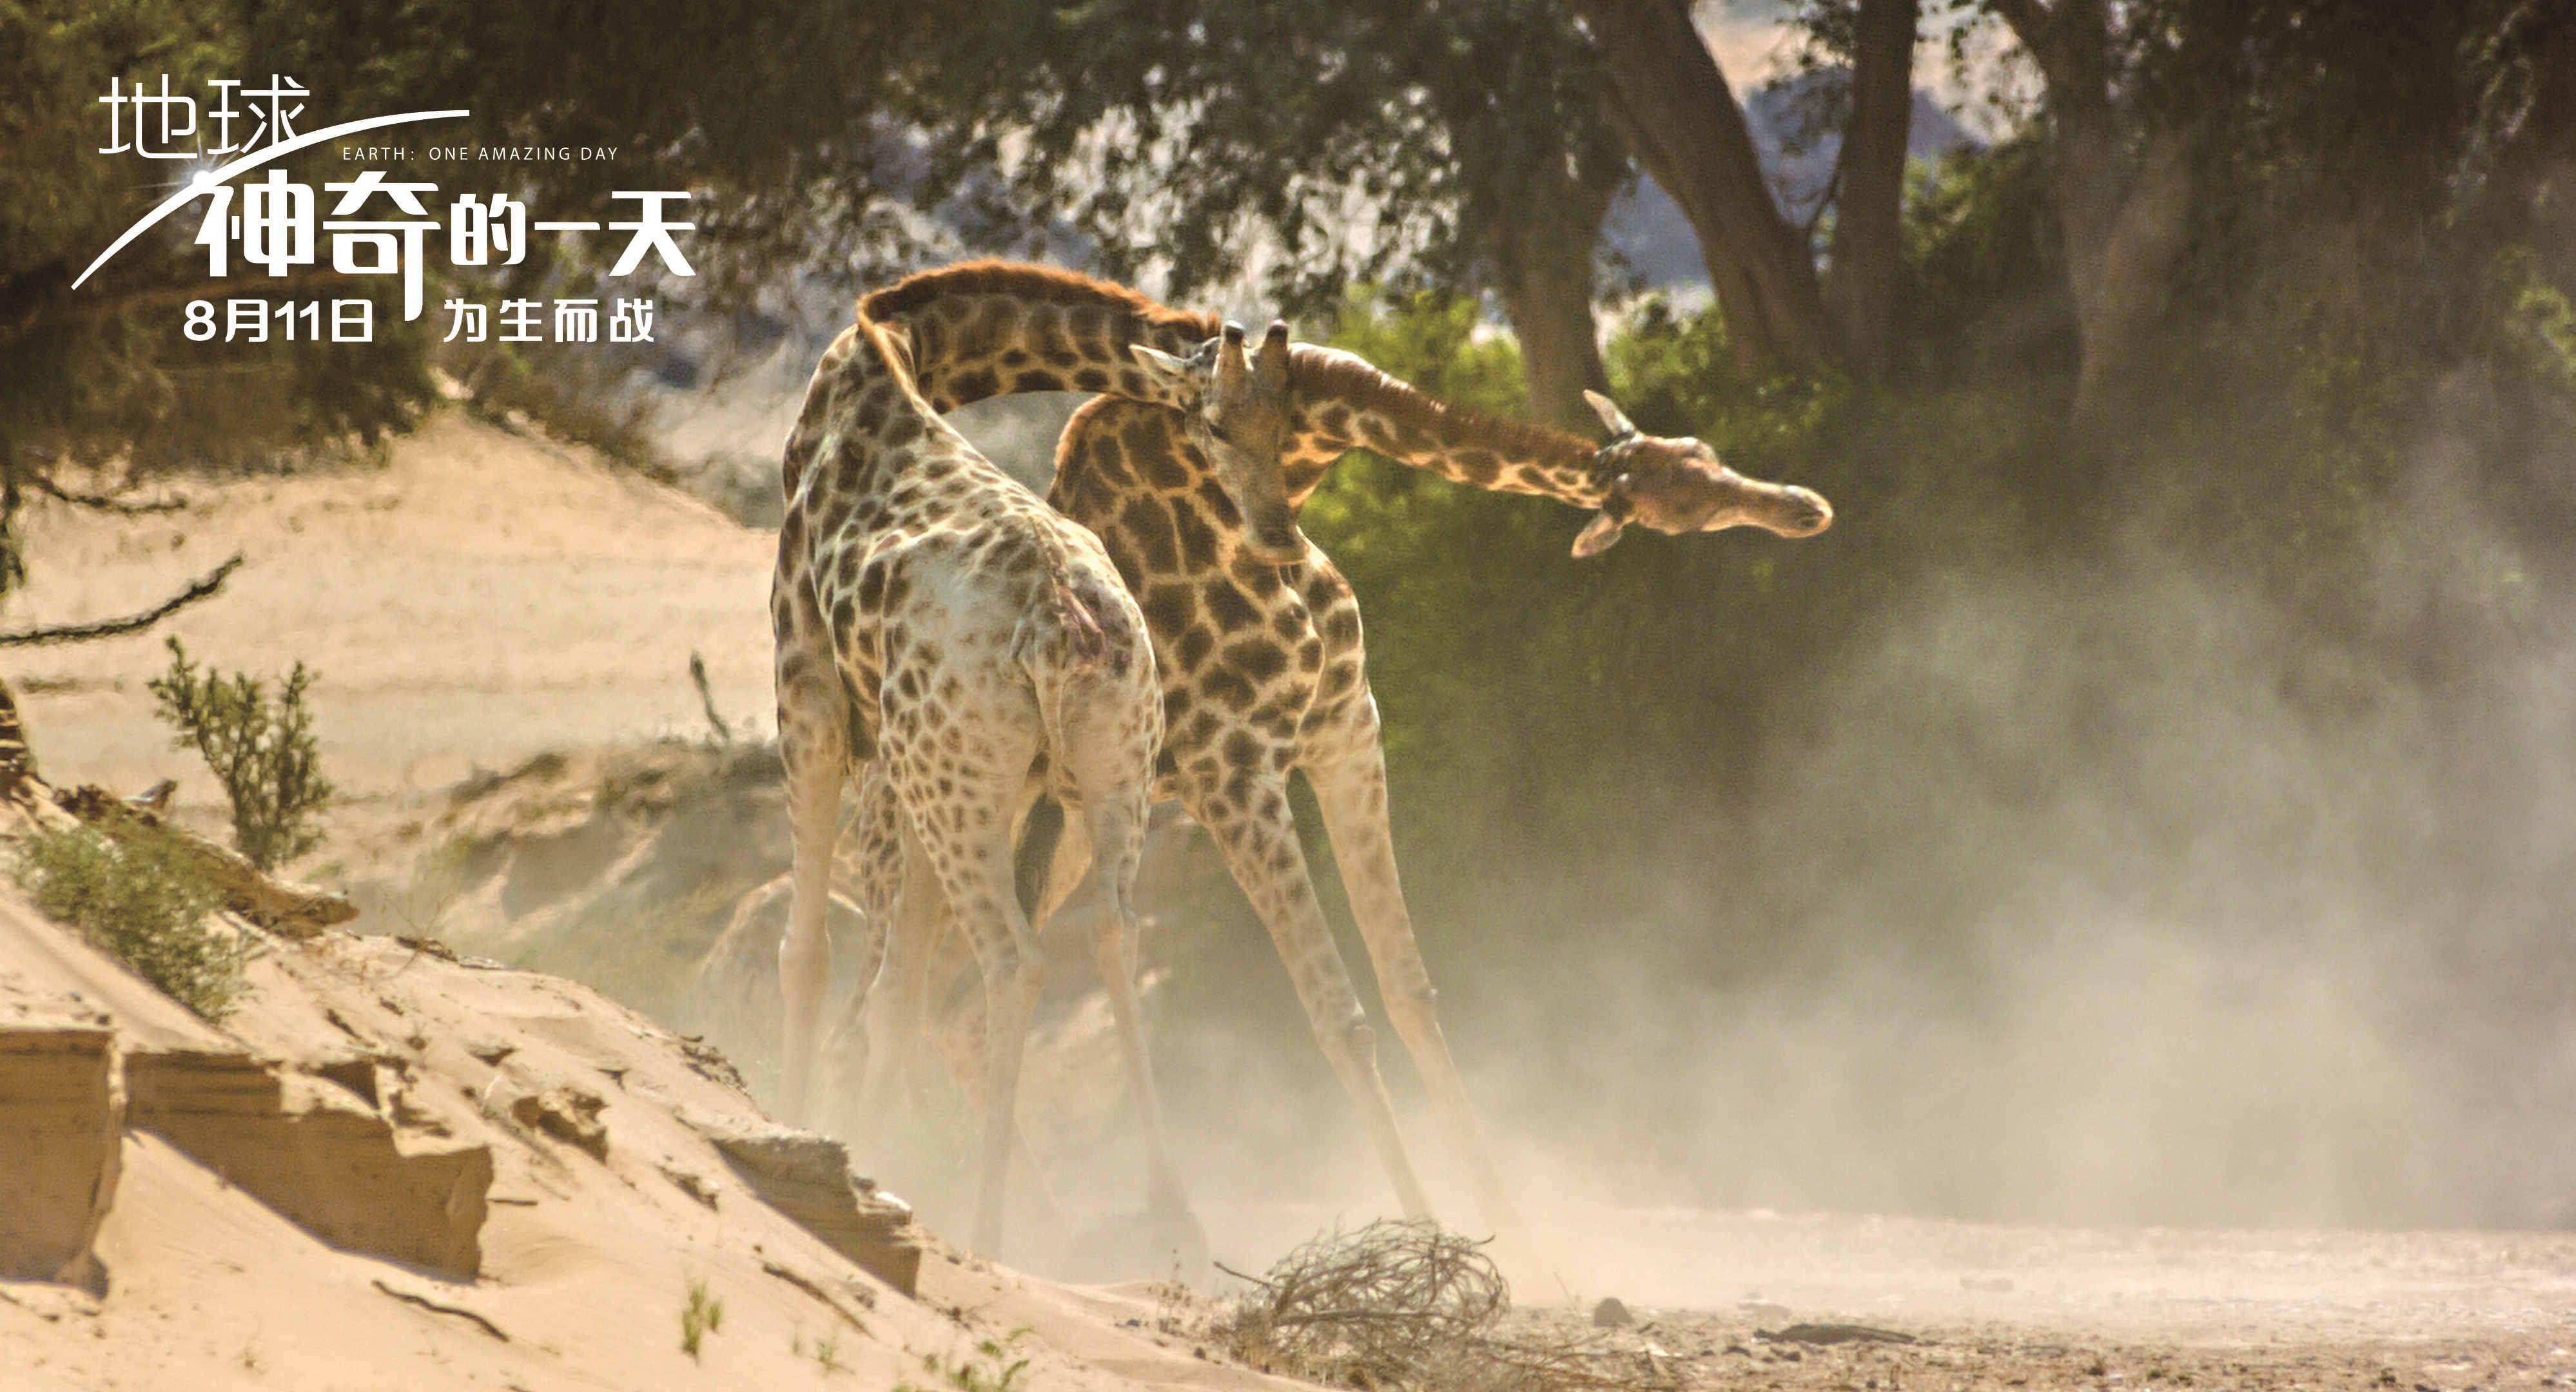 Movie, Earth: One Amazing Day(中國.英國) / 地球:奇蹟的一天(台) / 地球:神奇的一天(中), 電影劇照